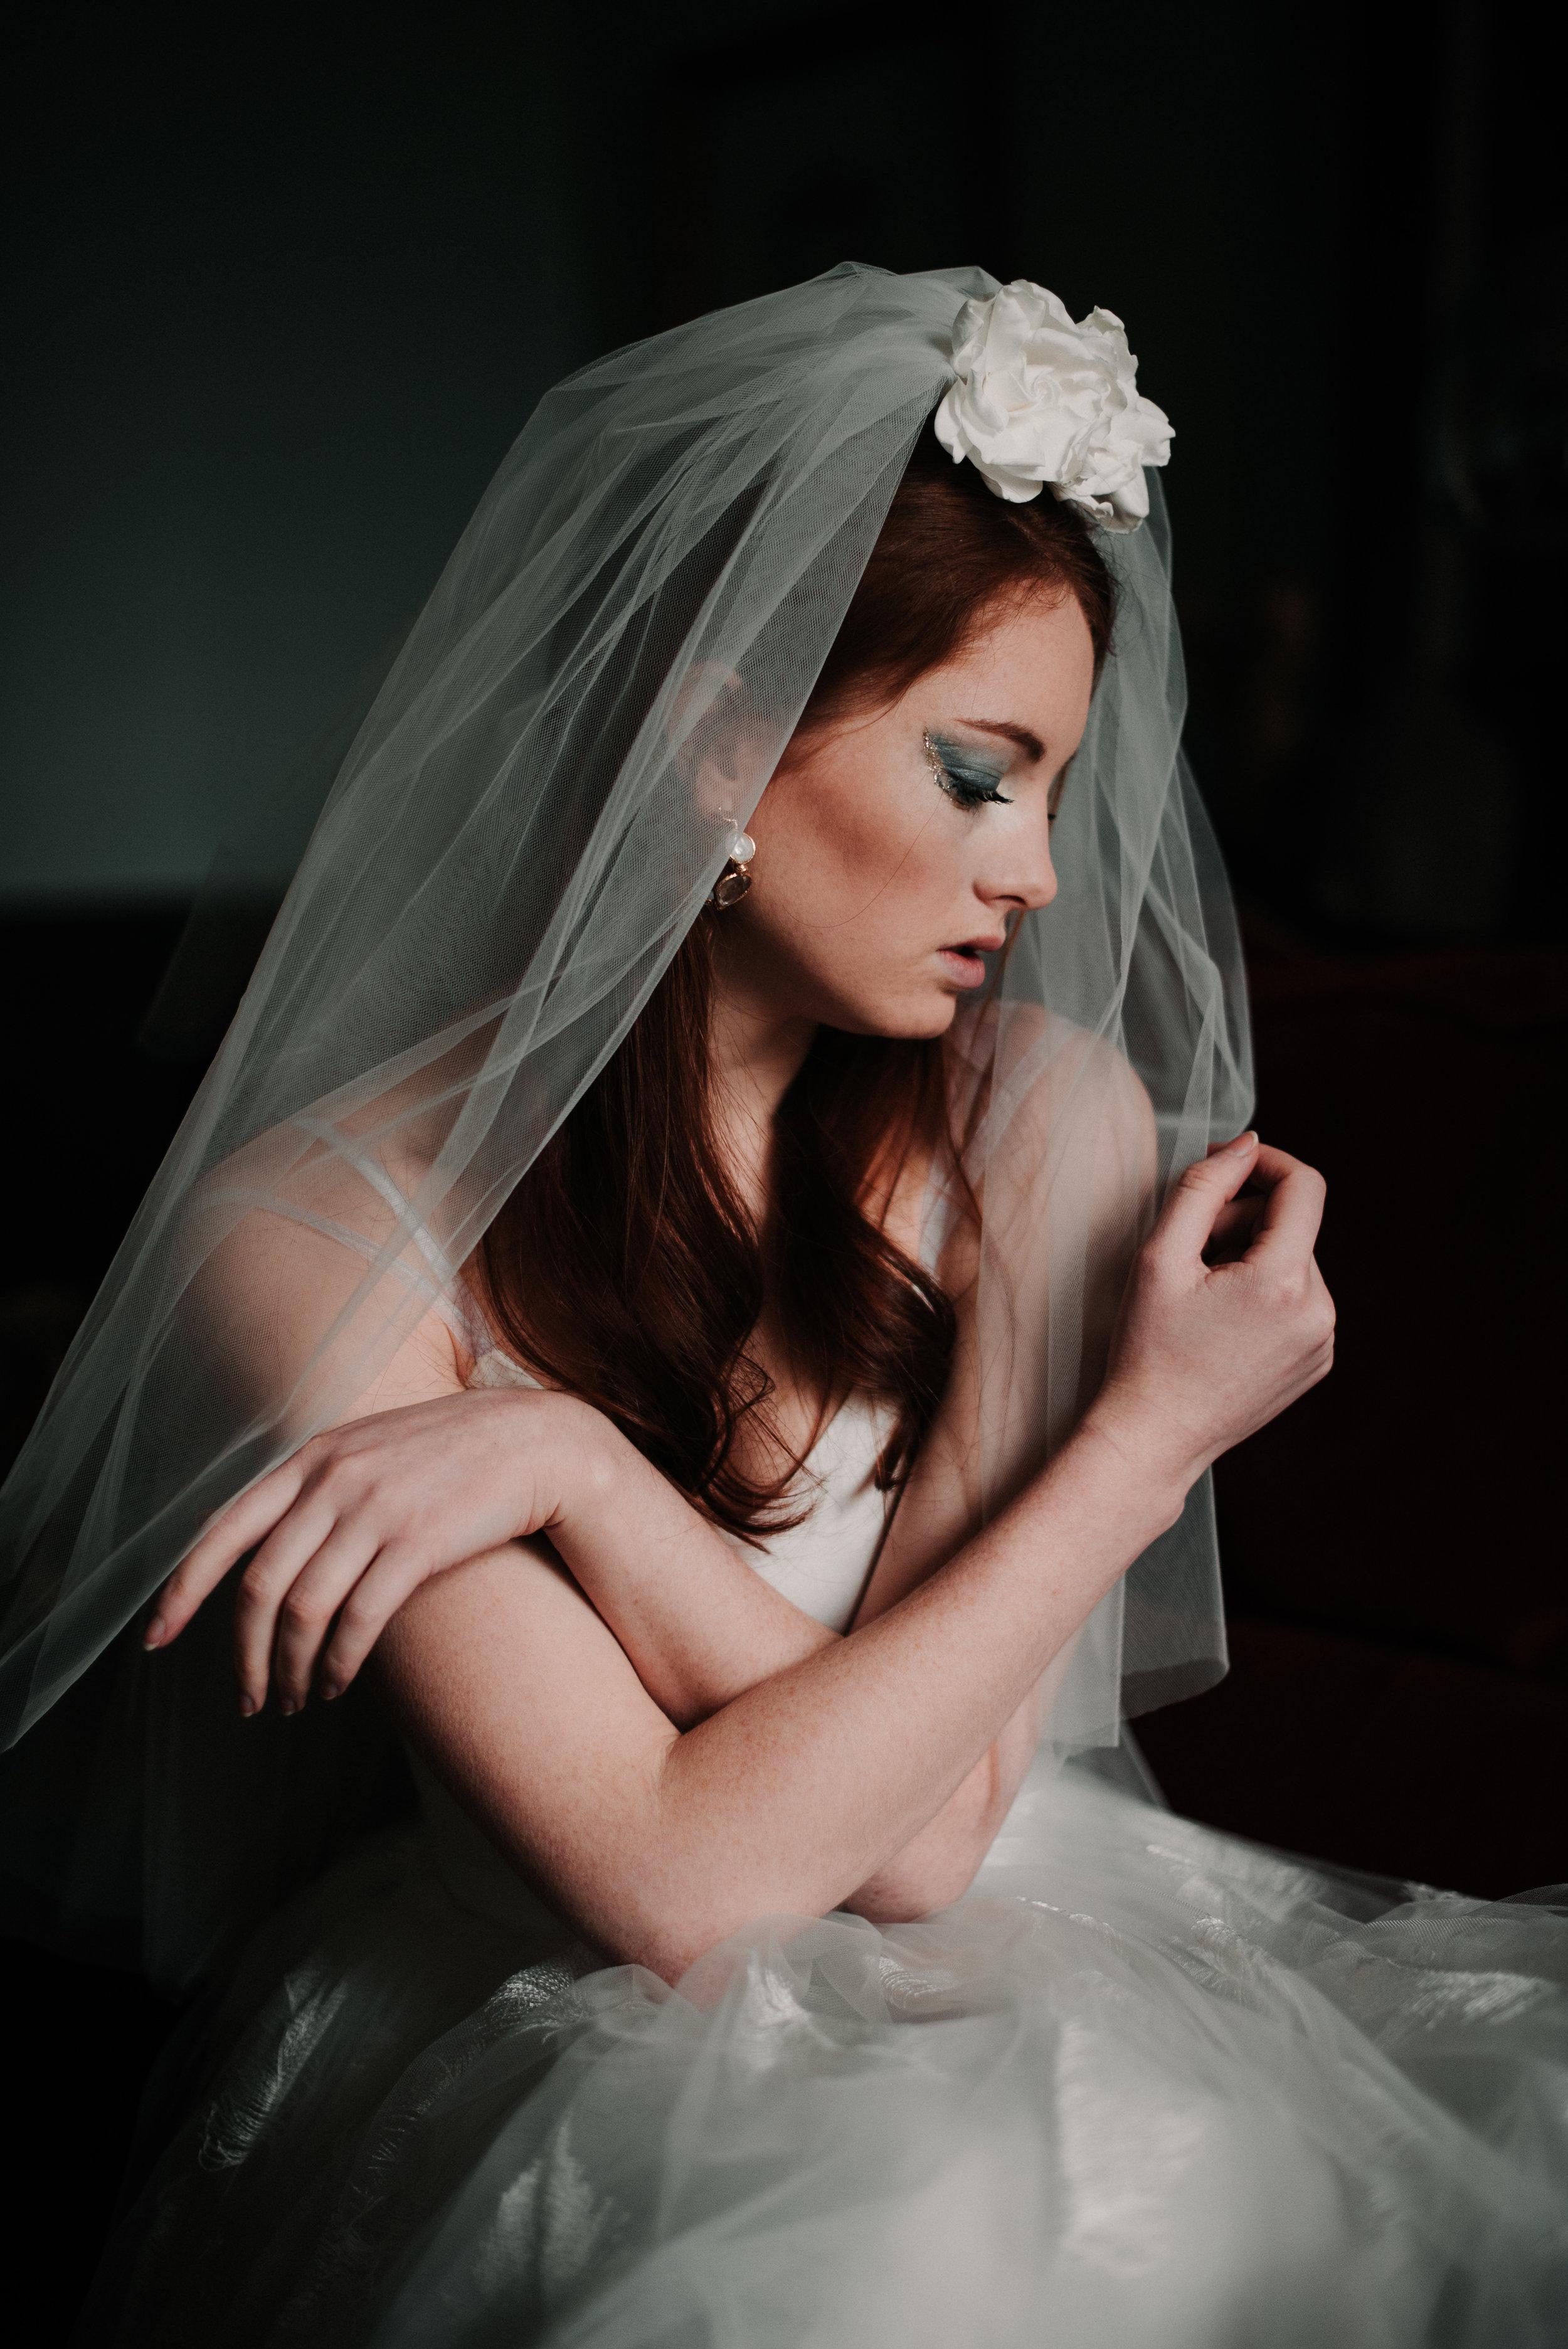 Léa-Fery-photographe-professionnel-lyon-rhone-alpes-portrait-creation-mariage-evenement-evenementiel-famille-3085.jpg